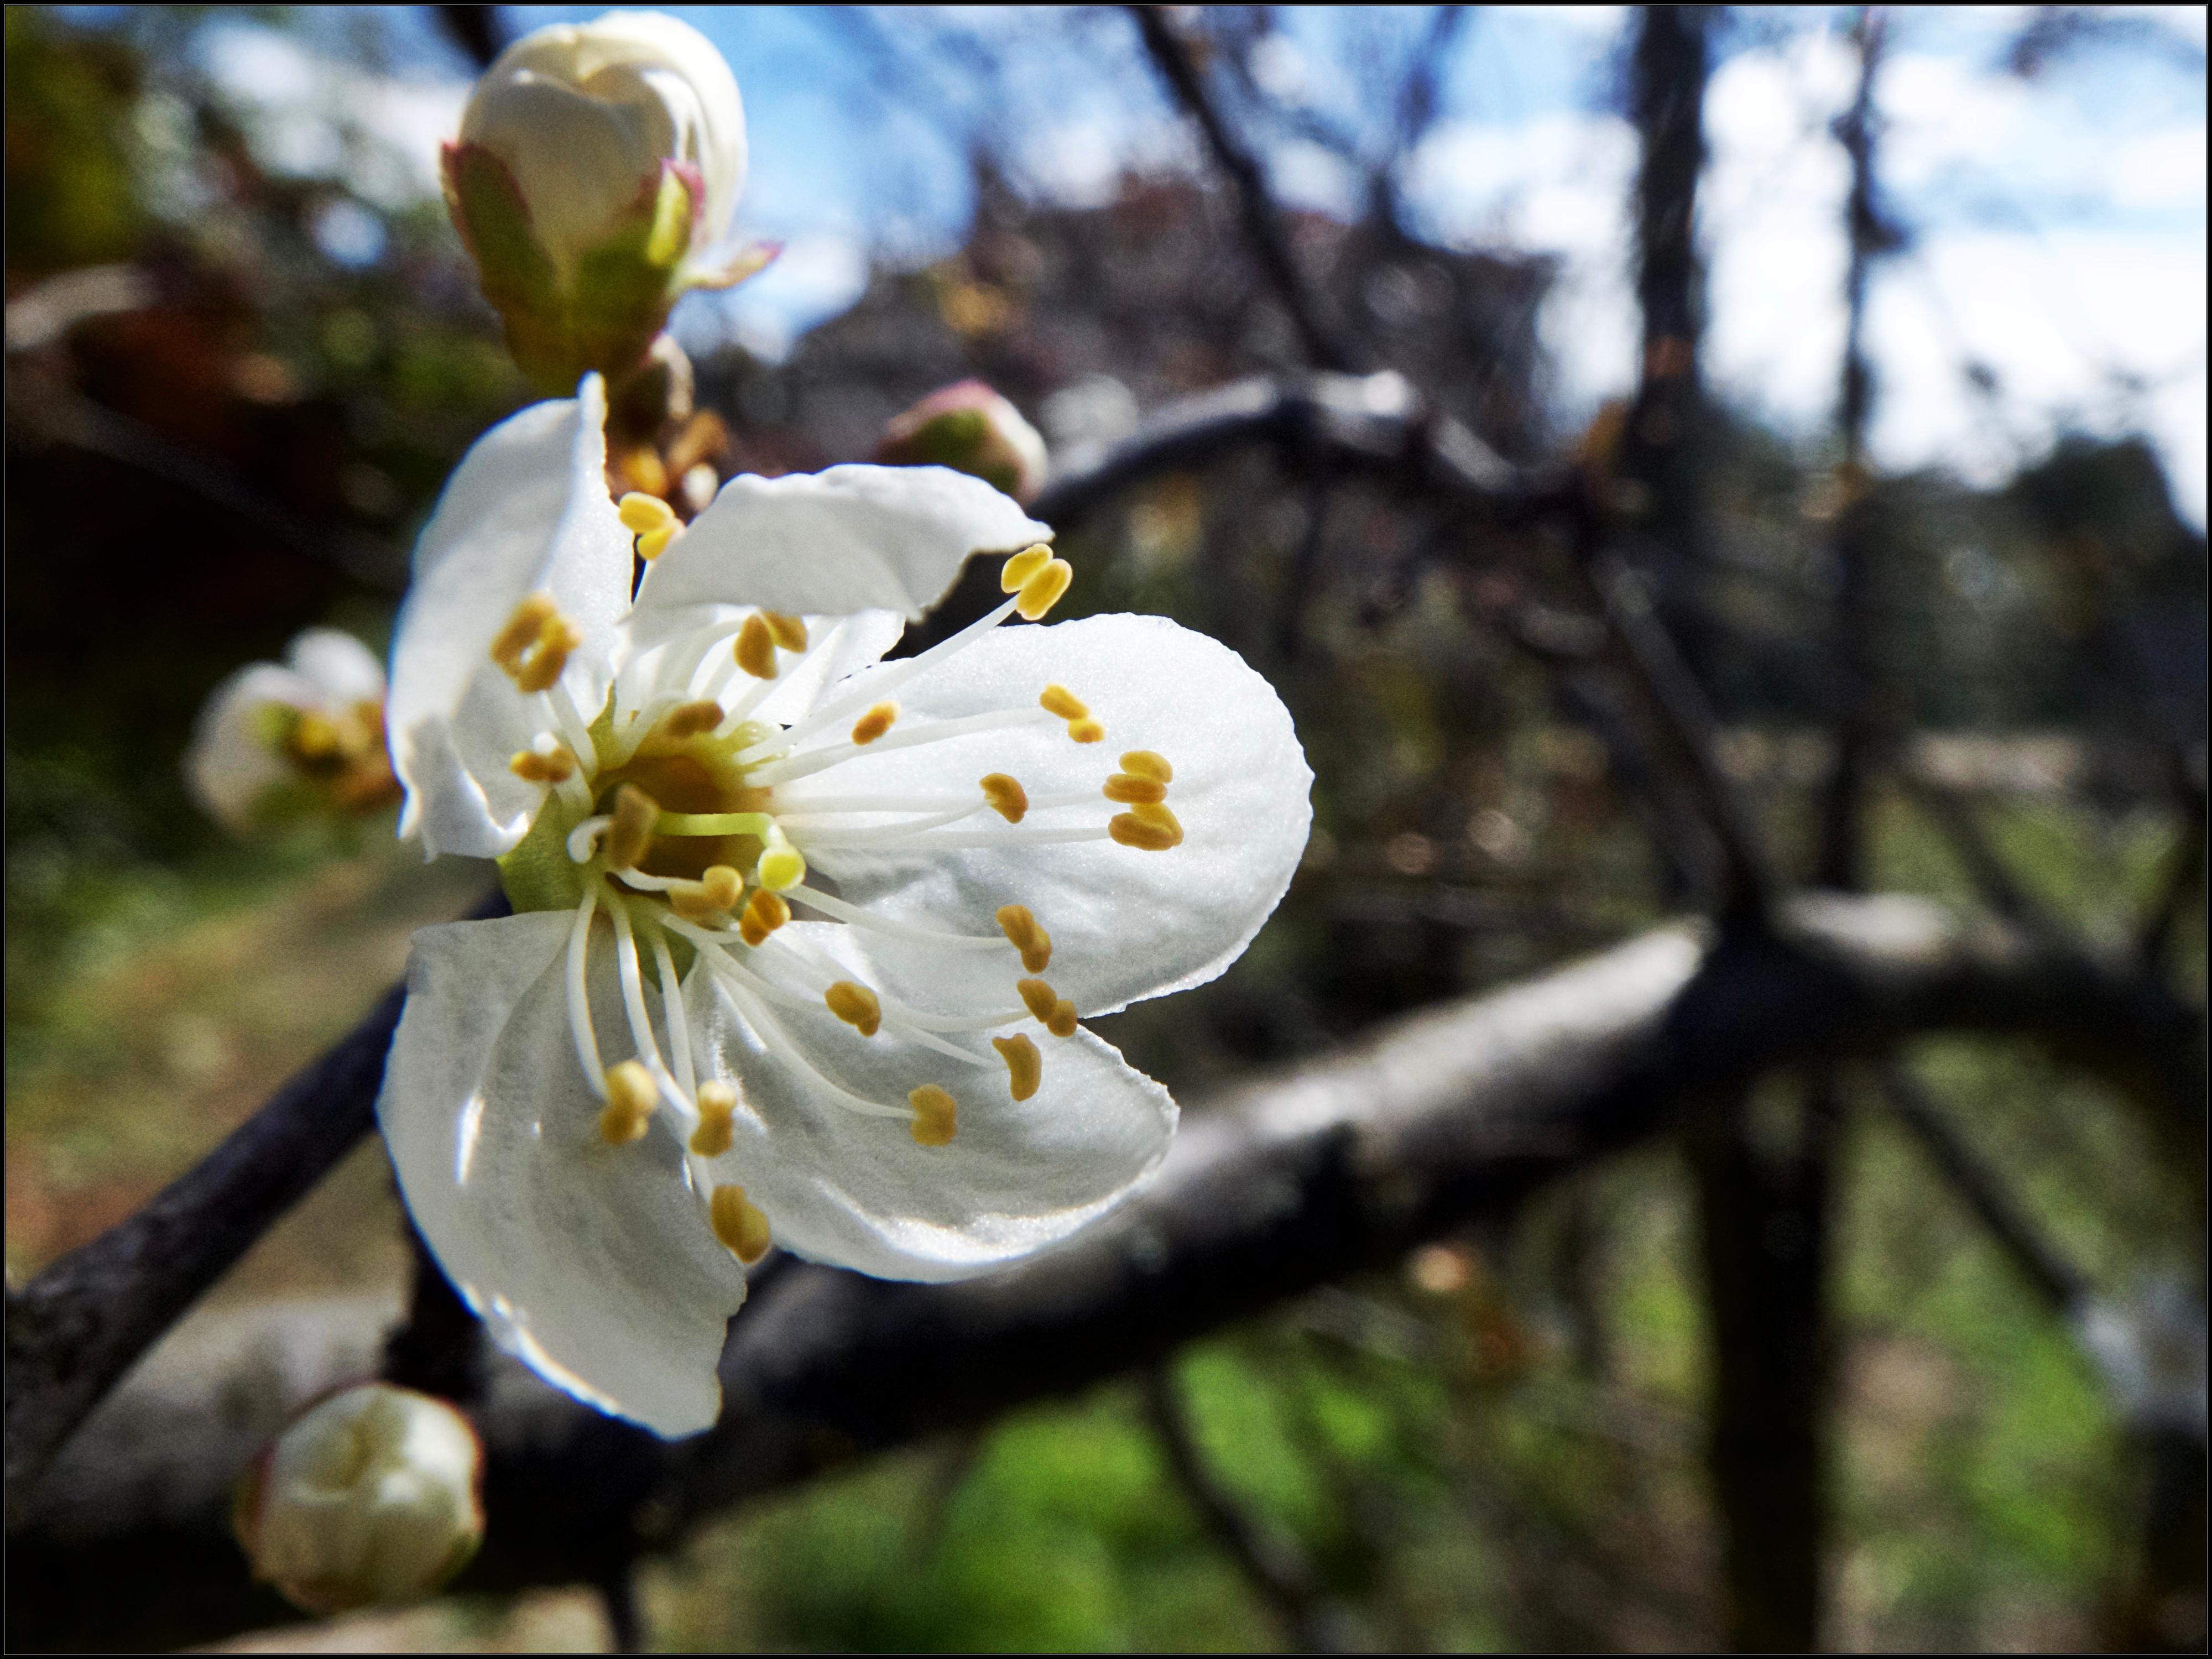 [Image du Jour] Presque le printemps